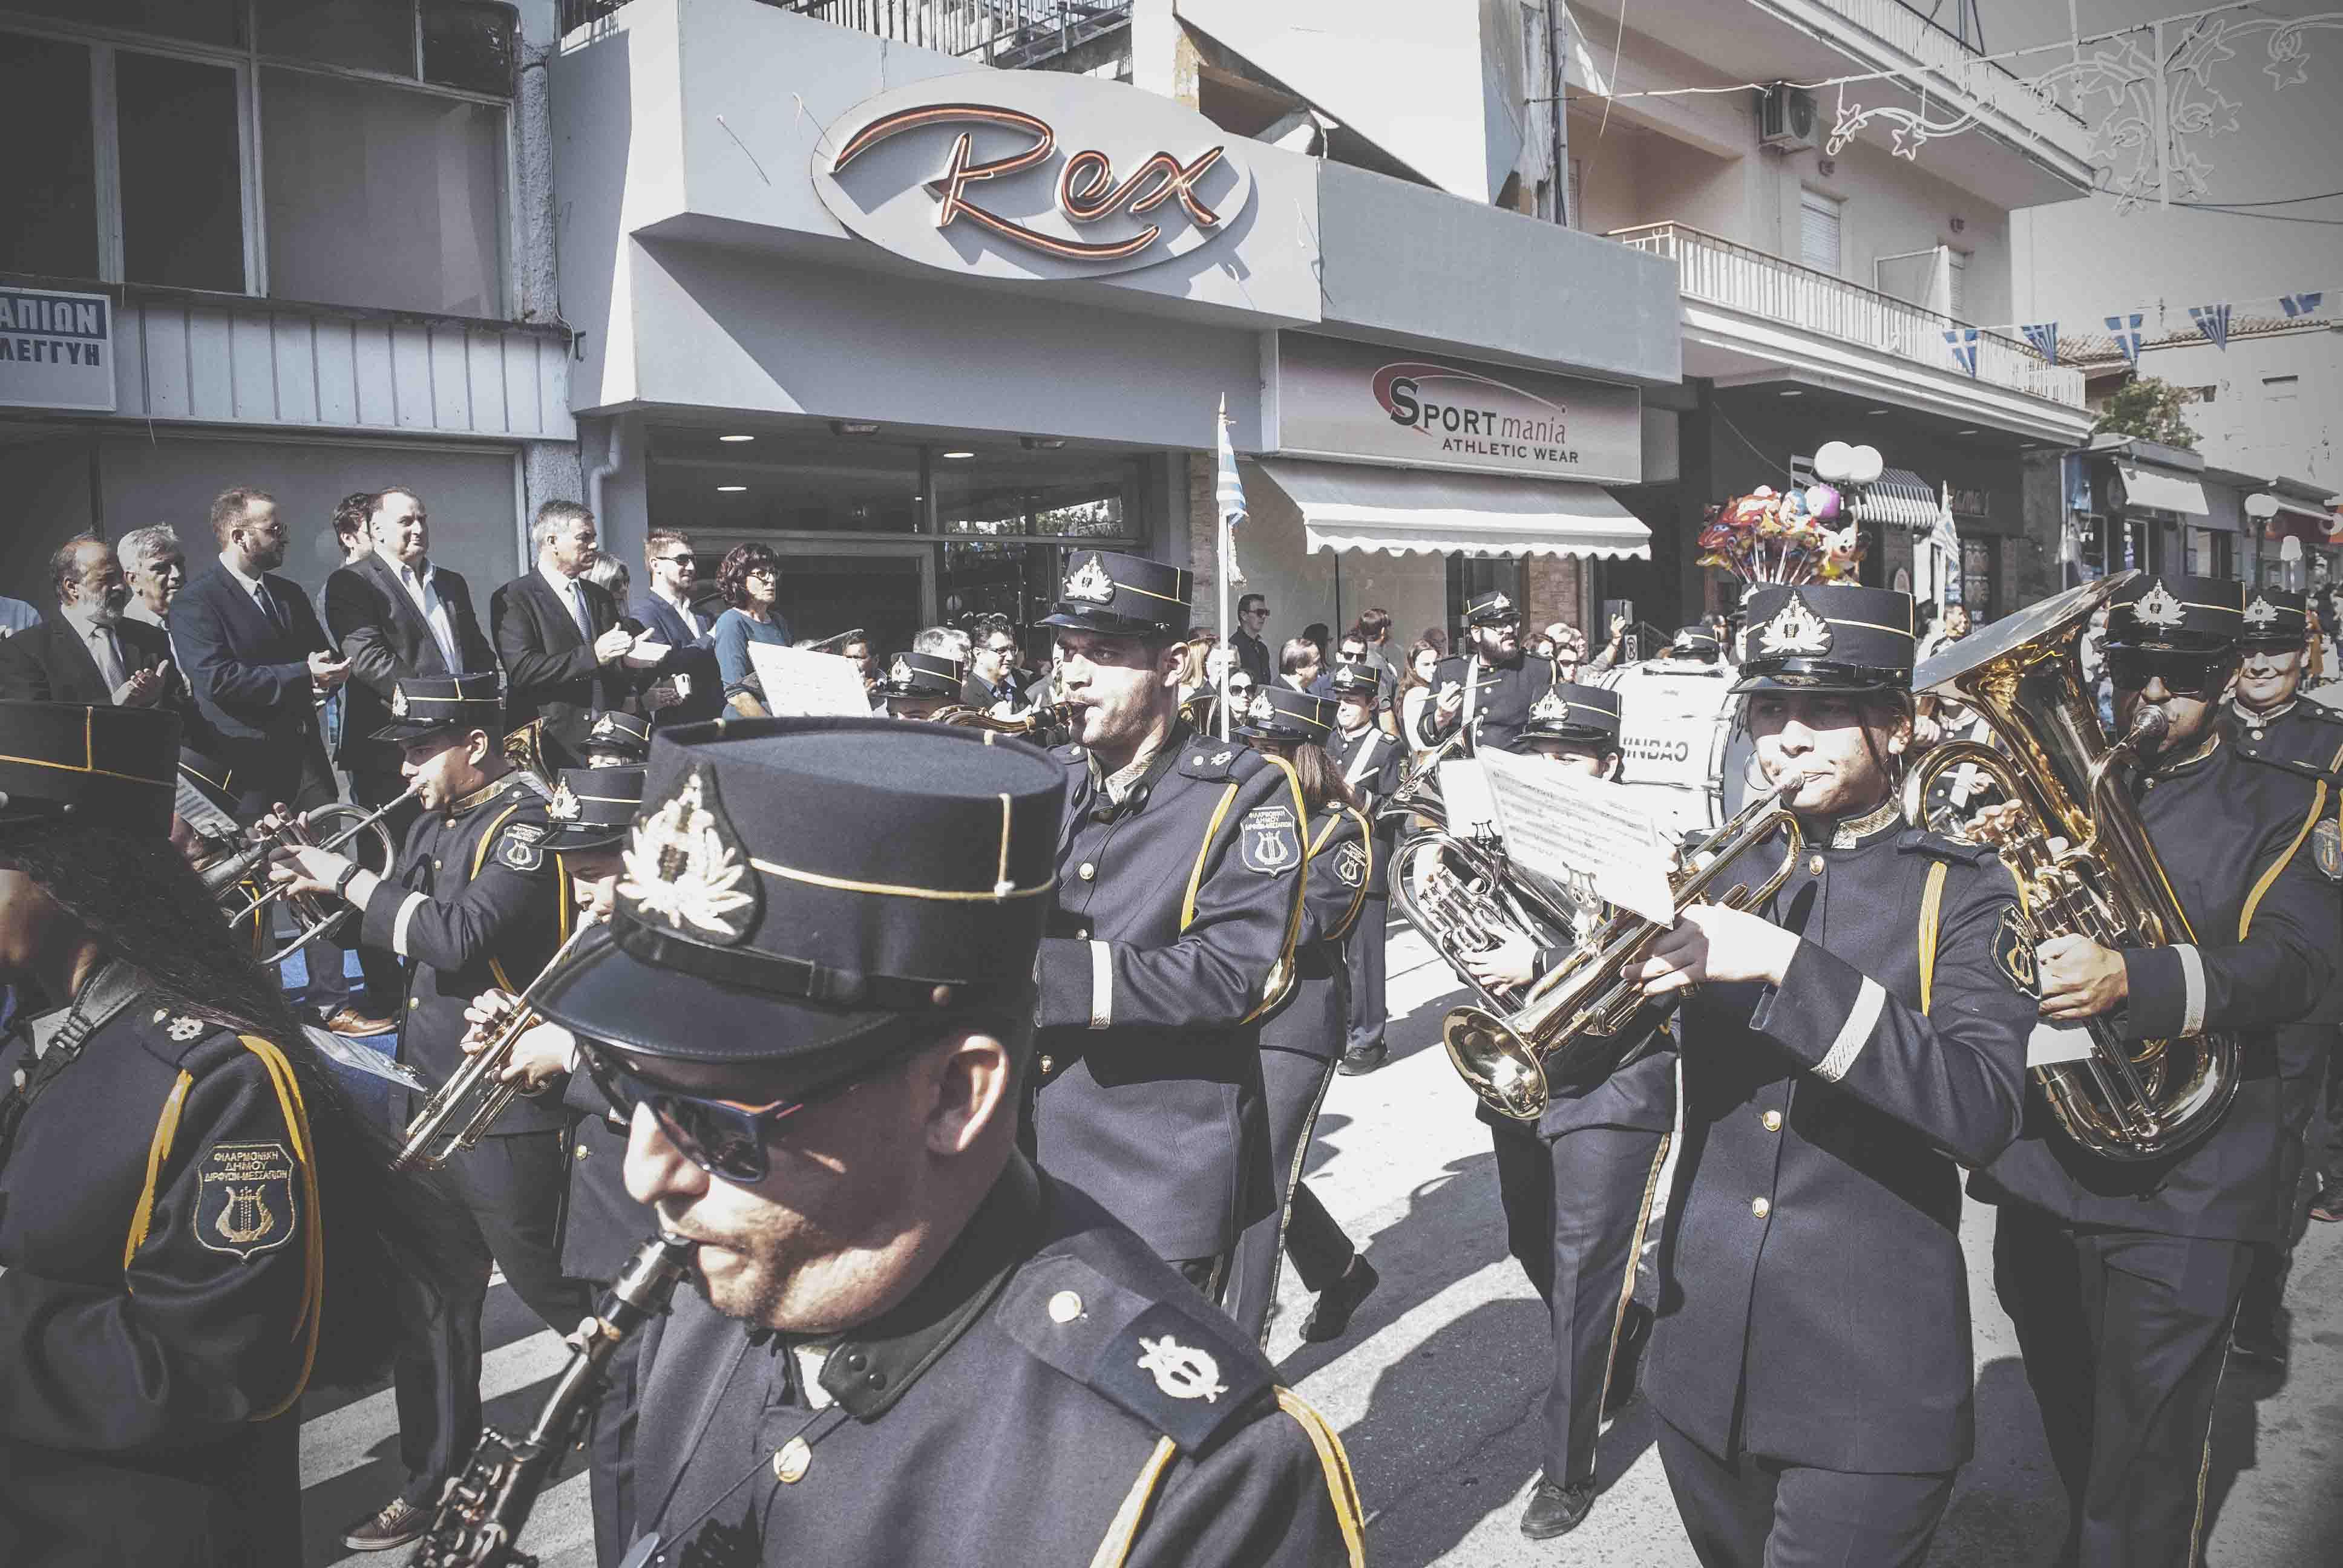 Φωτογραφικό υλικό από την παρέλαση στα Ψαχνά Φωτογραφικό υλικό από την παρέλαση στα Ψαχνά DSC 0313